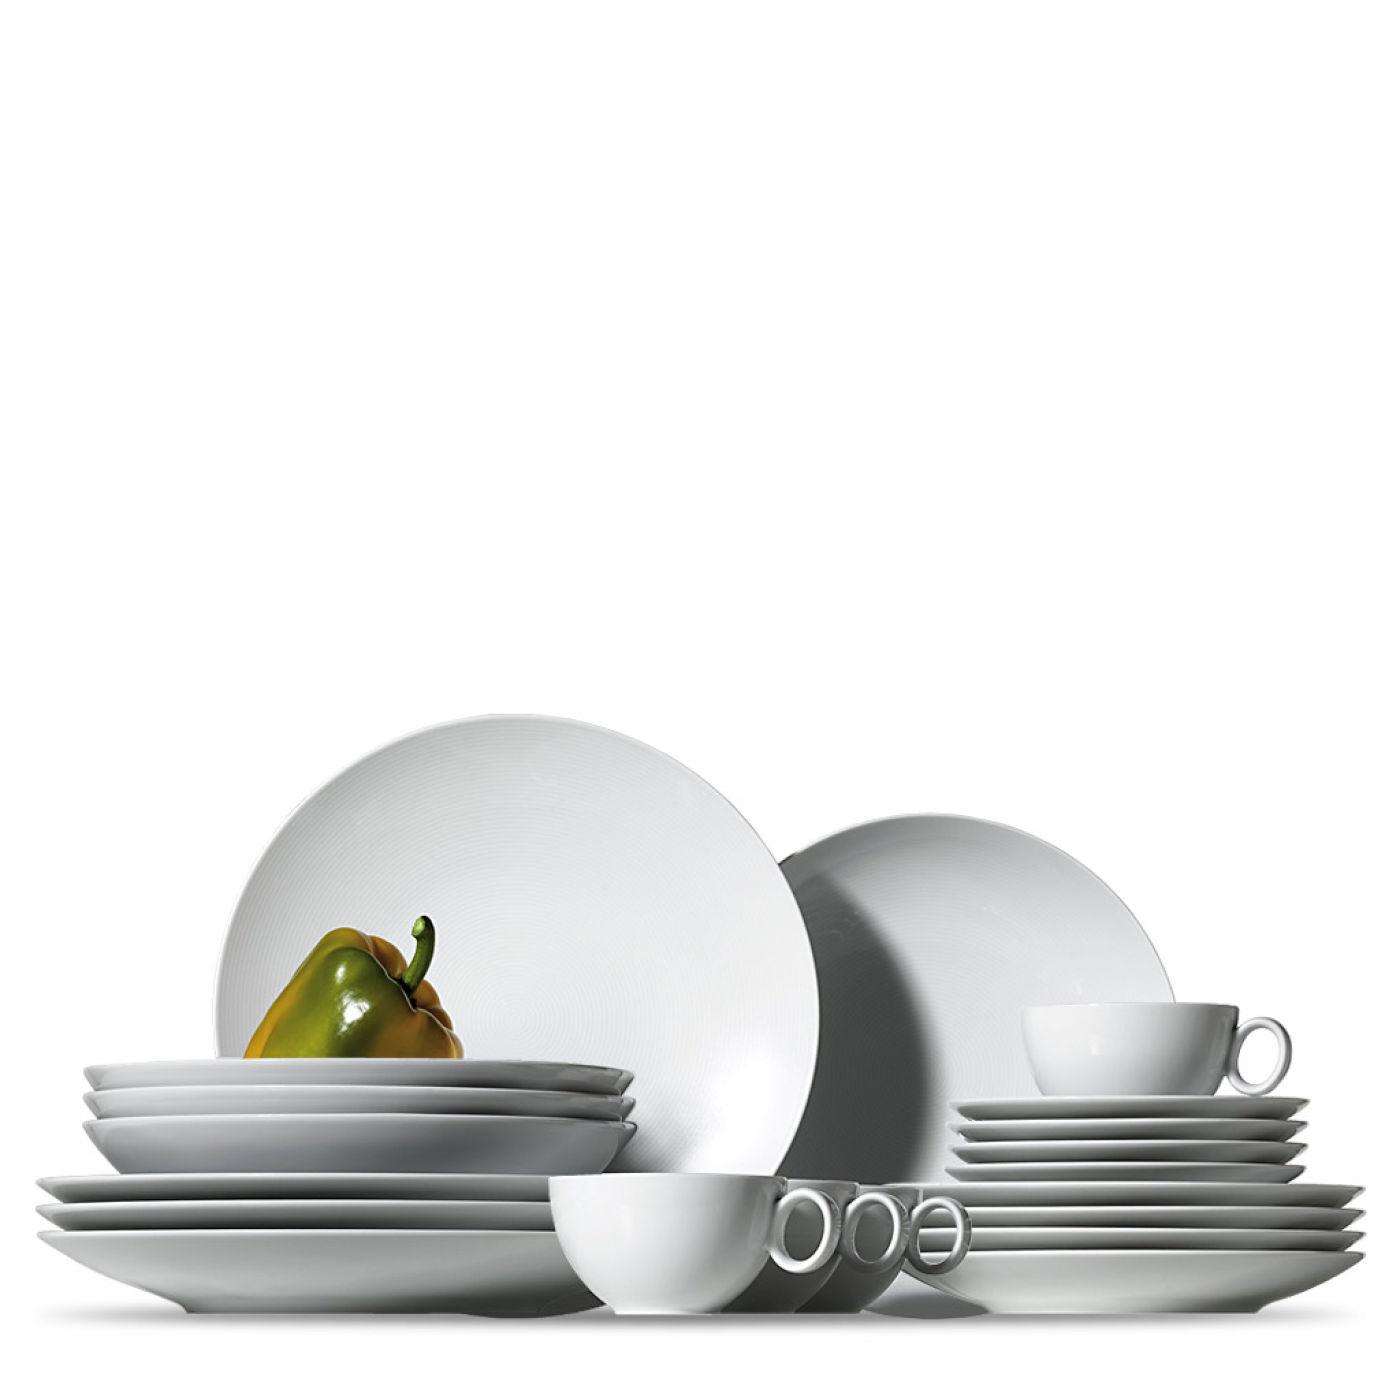 Онлайн каталог PROMENU: Набор столовой посуды Rosenthal Loft, 16 предметов                                   11900-800001-18844